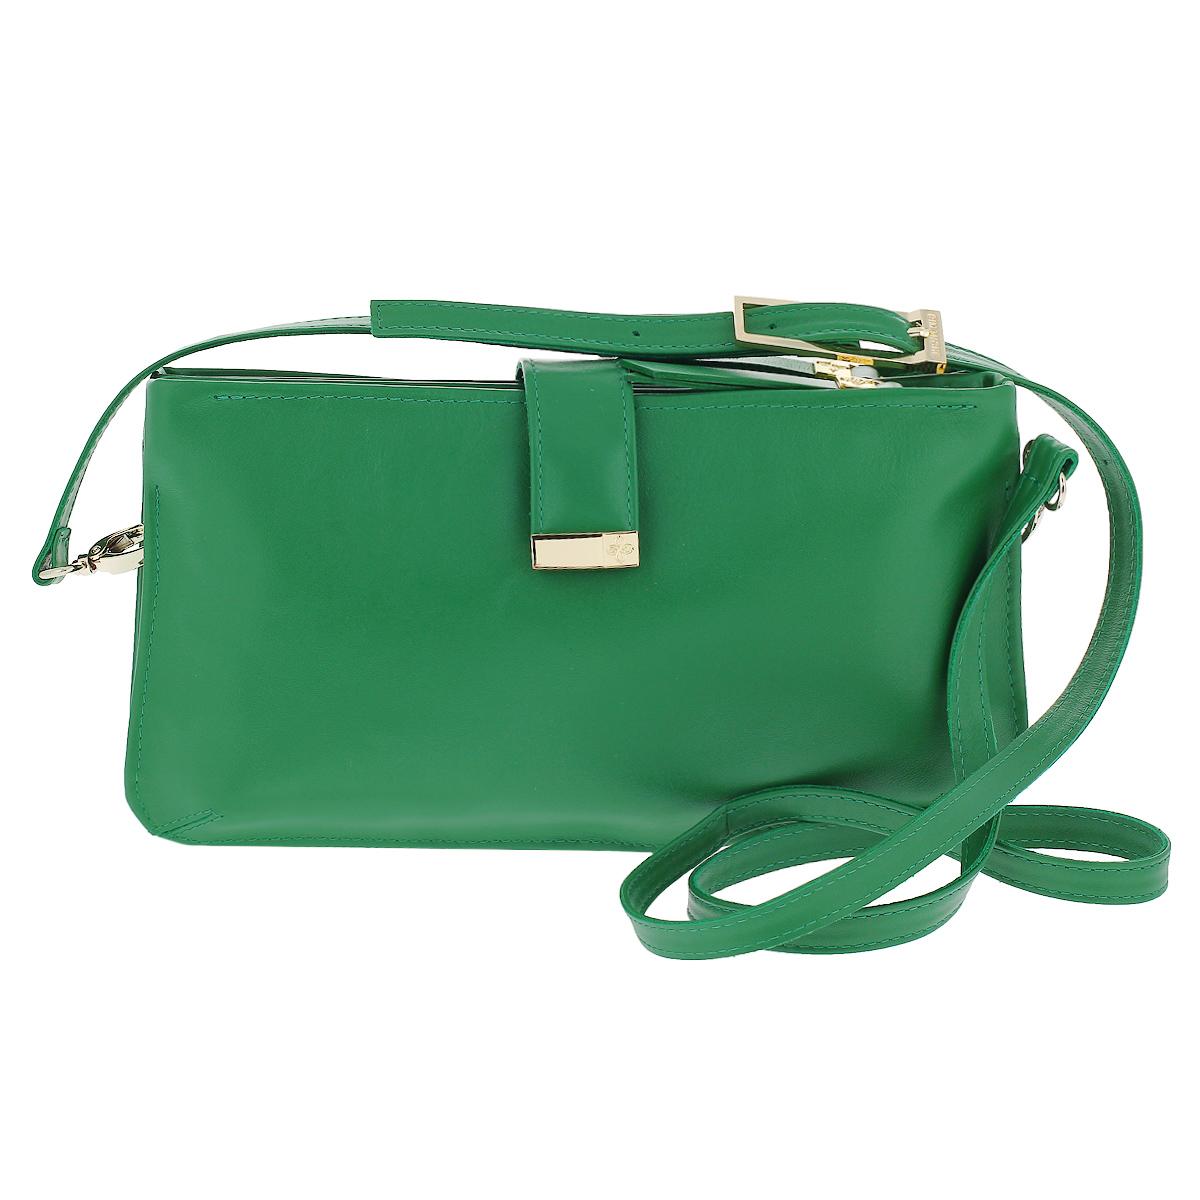 Сумка-клатч женская Dimanche Bowling Bag, цвет: зеленый. 435/26/R435/26/RСтильная женская сумка-клатч Dimanche Bowling Bag выполнена из натуральной высококачественной кожи, закрывается хлястиком на кнопке-магните. Сумка состоит из трех отделений: два из которых на застежках-молниях, и отделение без молнии. Внутри отделений на застежках-молниях - по одному дополнительному кармашку. Сумка оснащена удобным плечевым ремнем регулируемой длины. Сумка упакована в фирменный текстильный мешок. Женская сумка от Dimanche подчеркнет вашу яркую индивидуальность и сделает образ завершенным.